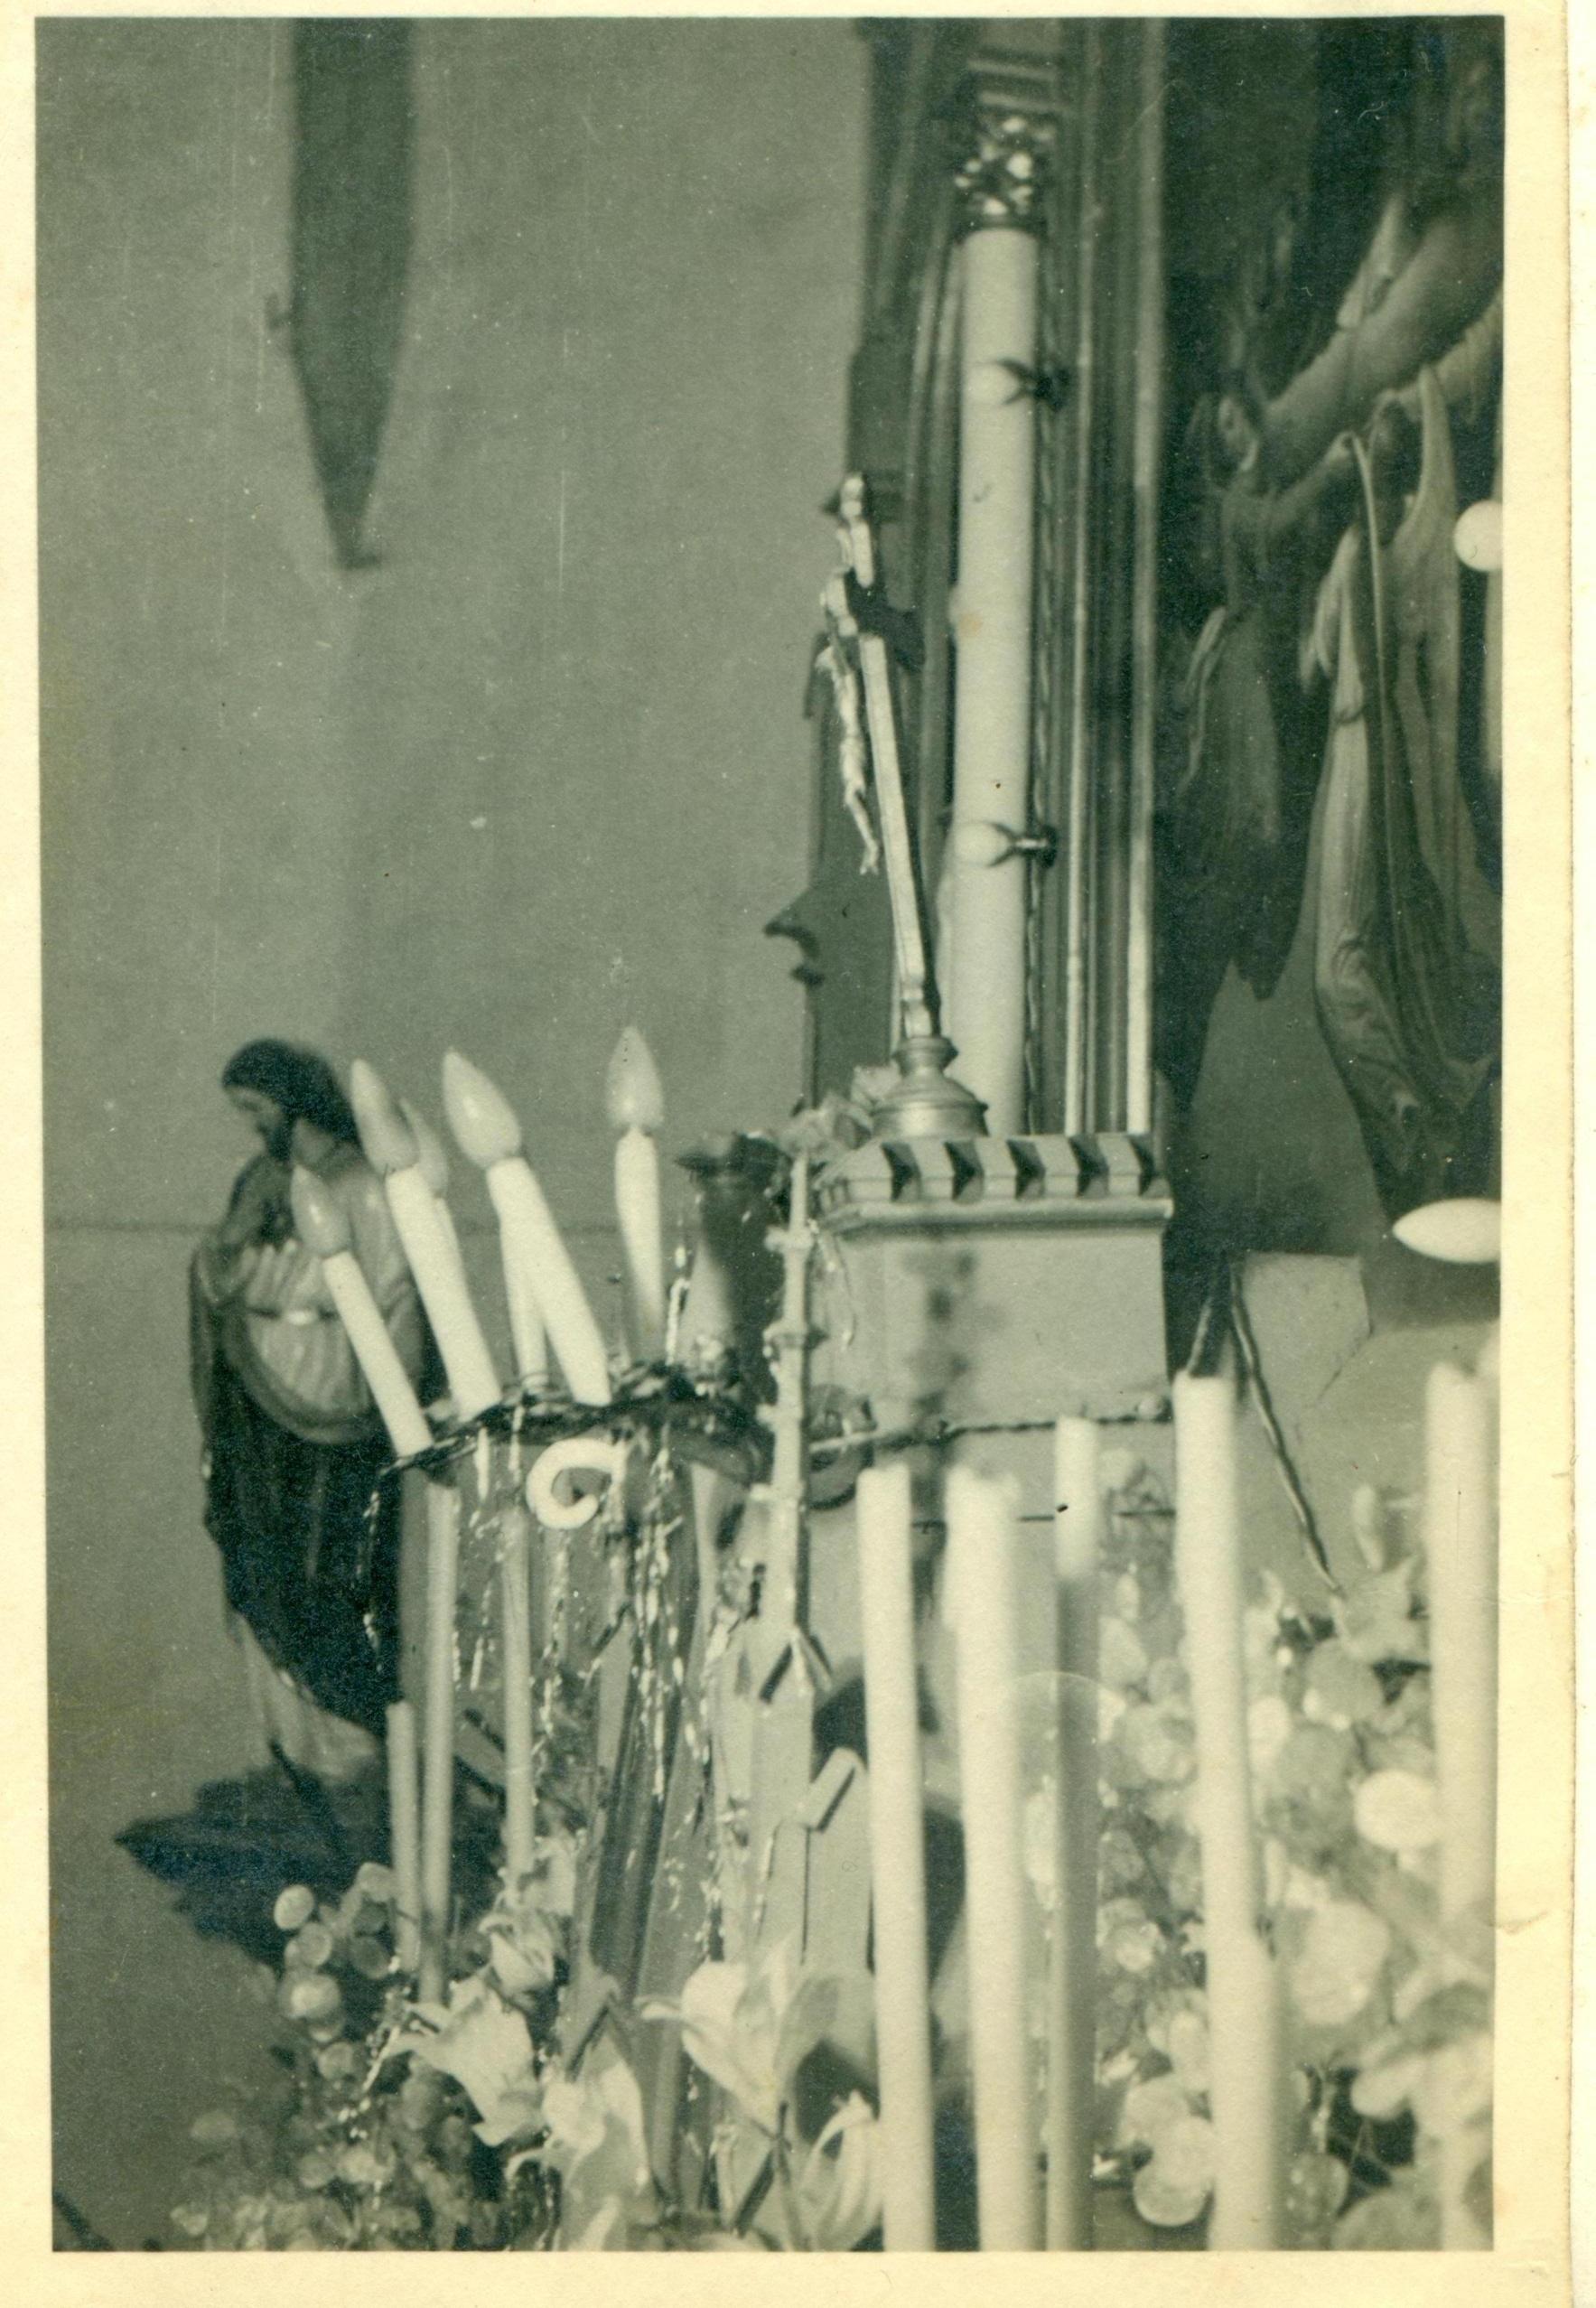 sequenza-foto-gennaio-1950-2